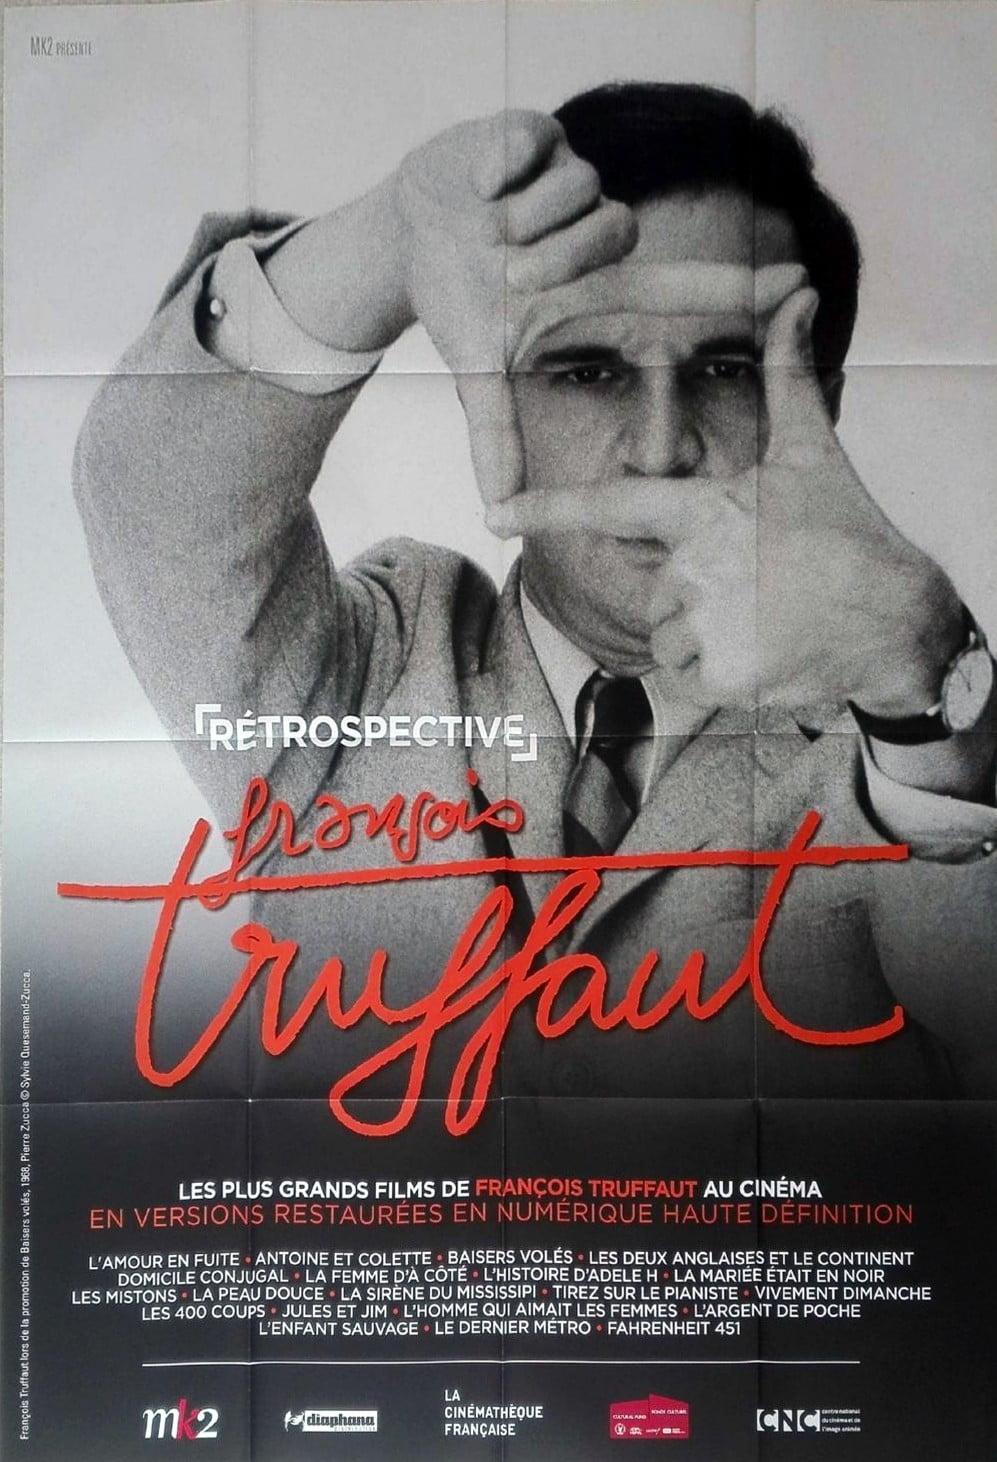 Truffautretrospective1 1